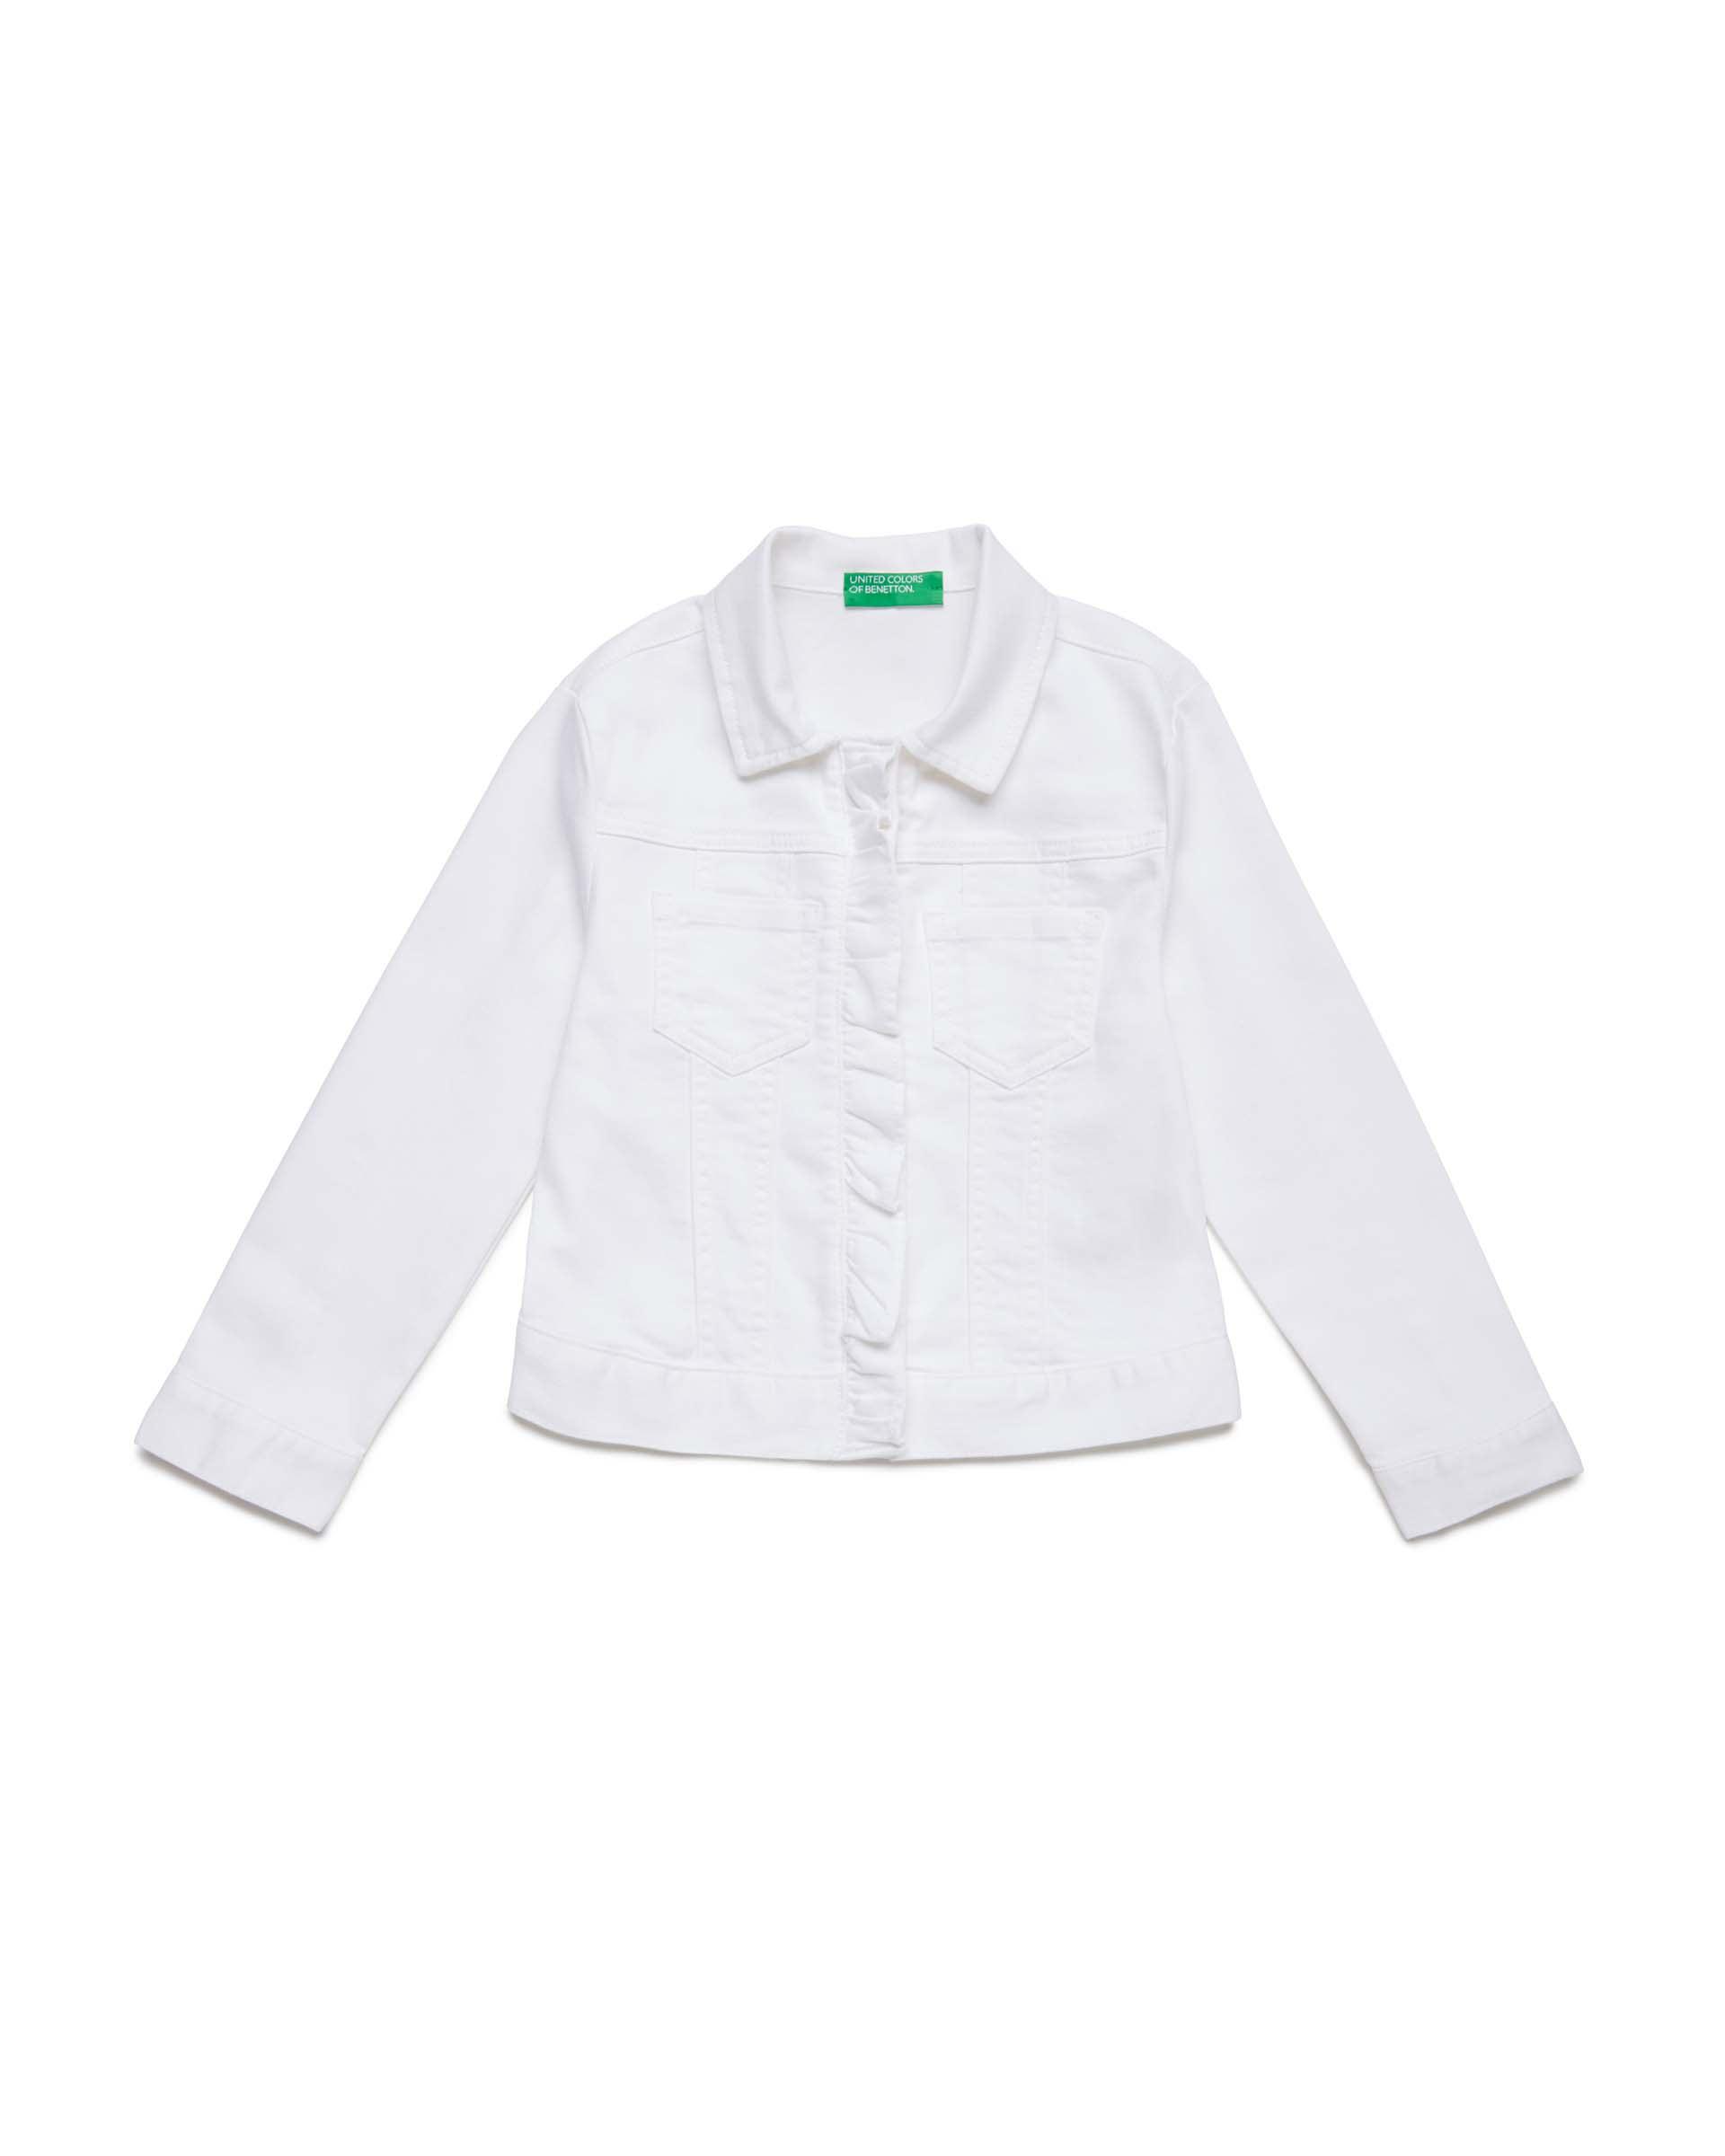 Купить 20P_2HB553I30_101, Джинсовая куртка для девочек Benetton 2HB553I30_101 р-р 158, United Colors of Benetton, Куртки для девочек